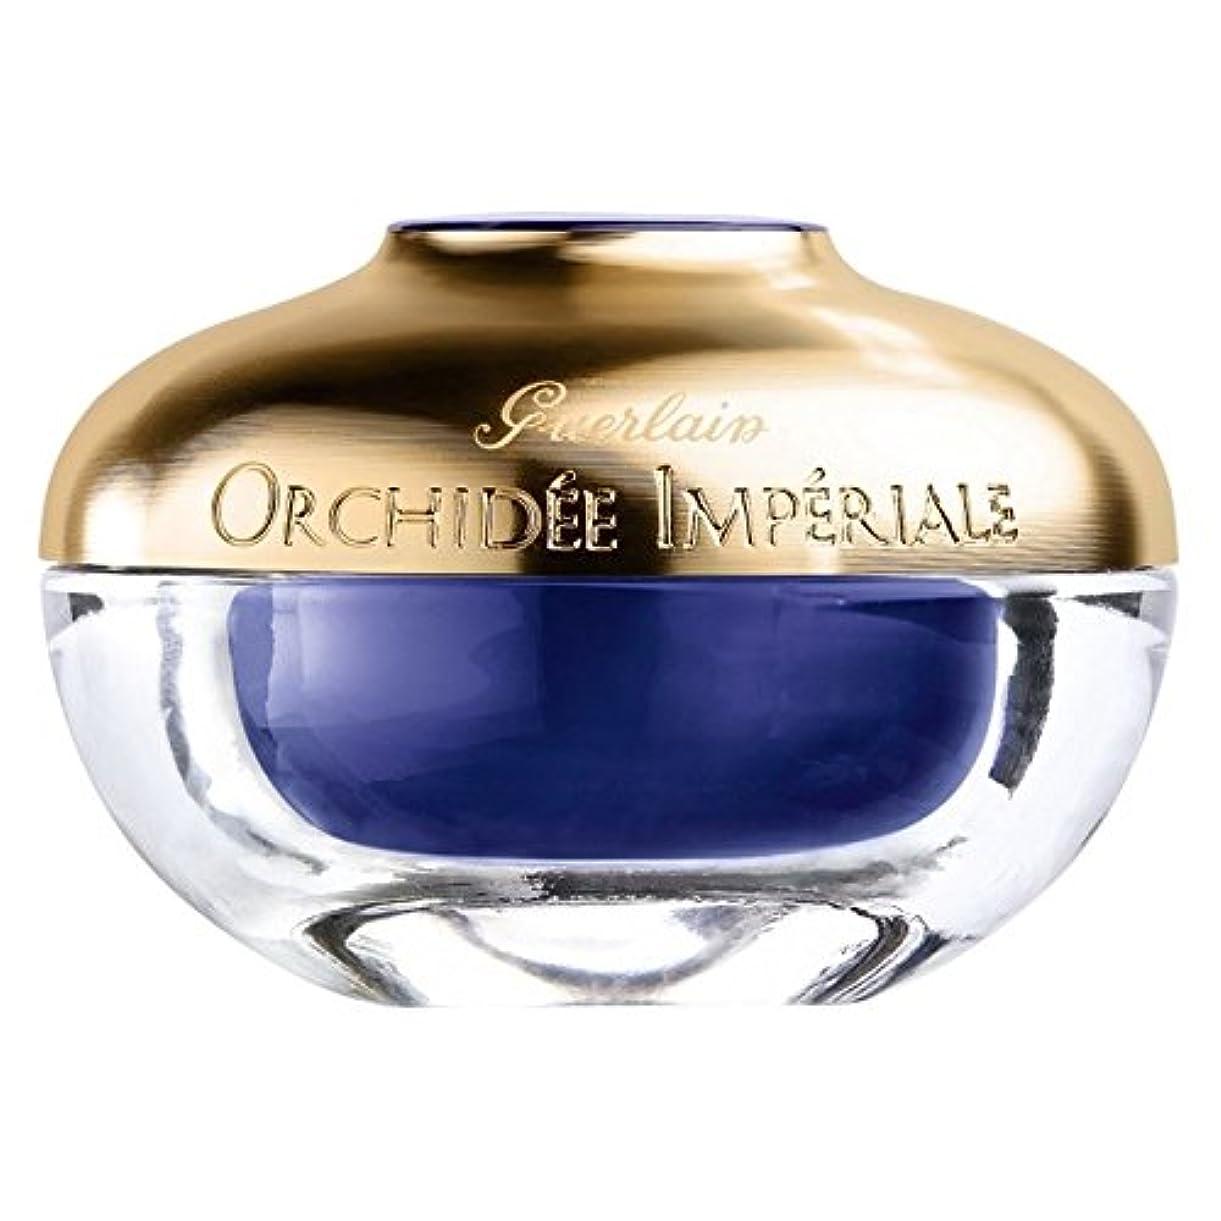 モーション寝室ブロッサム[Guerlain] Orchid?eではのリアルエクセプショナルコンプリートケアクリーム、50ミリリットル - Orchid?e Imp?riale Exceptional Complete Care Cream, 50ml...